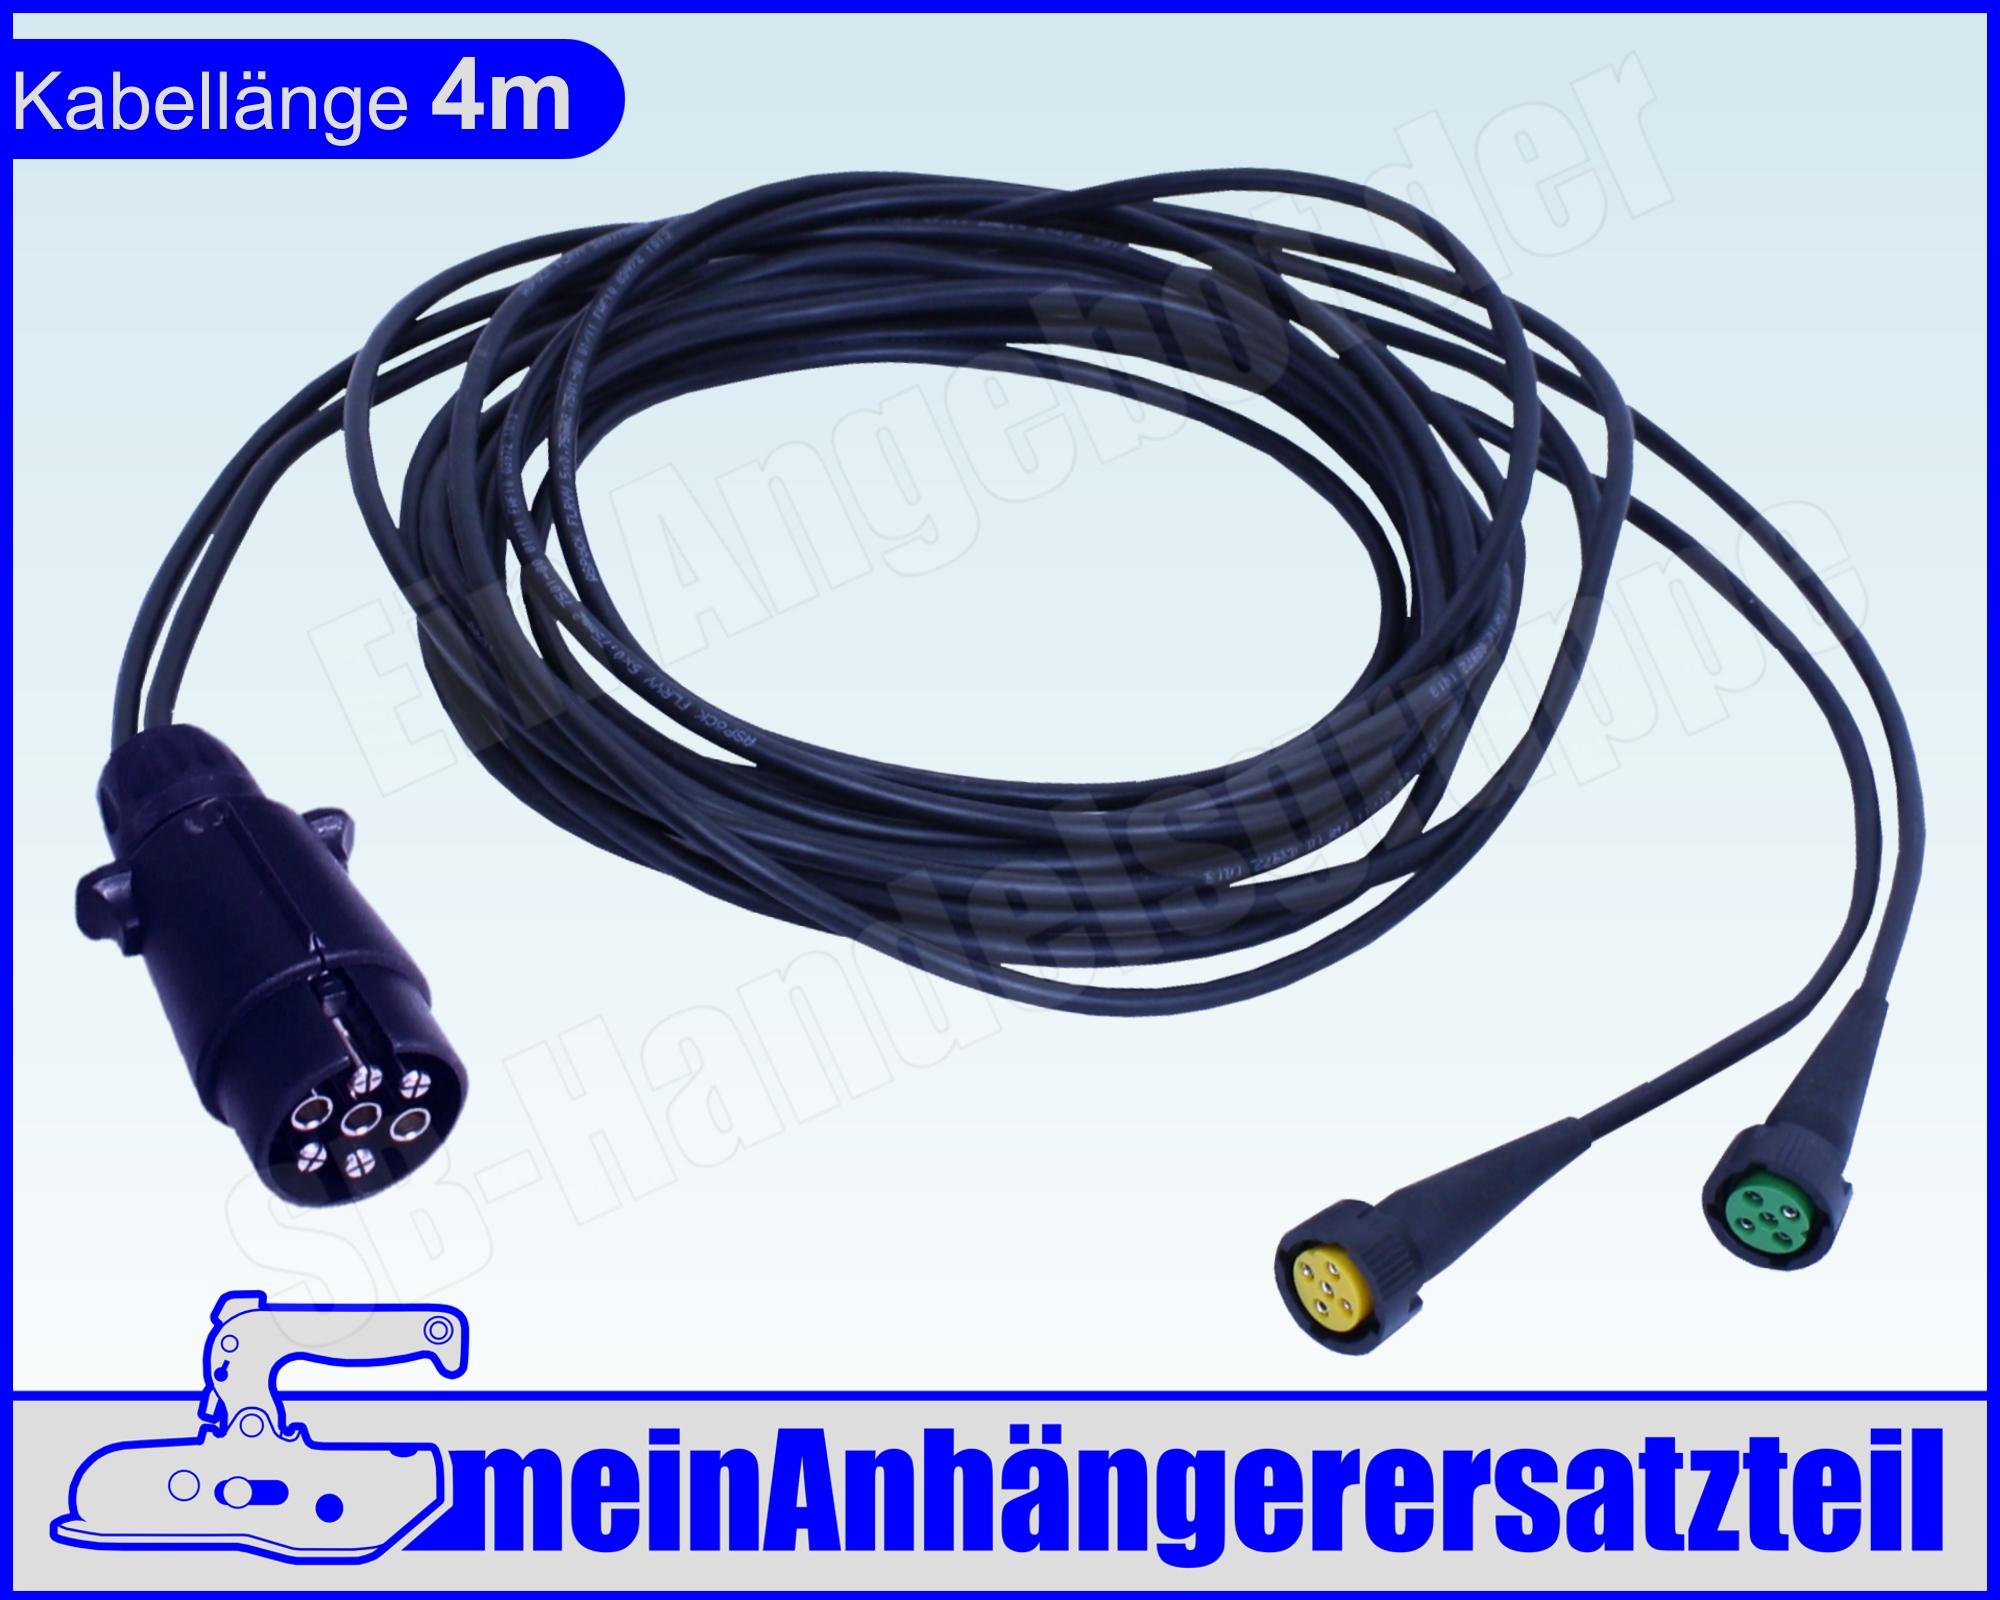 Aspöck Kabelsatz Anhängerkabel mit Bajonettanschluss 58-2008-017 ...